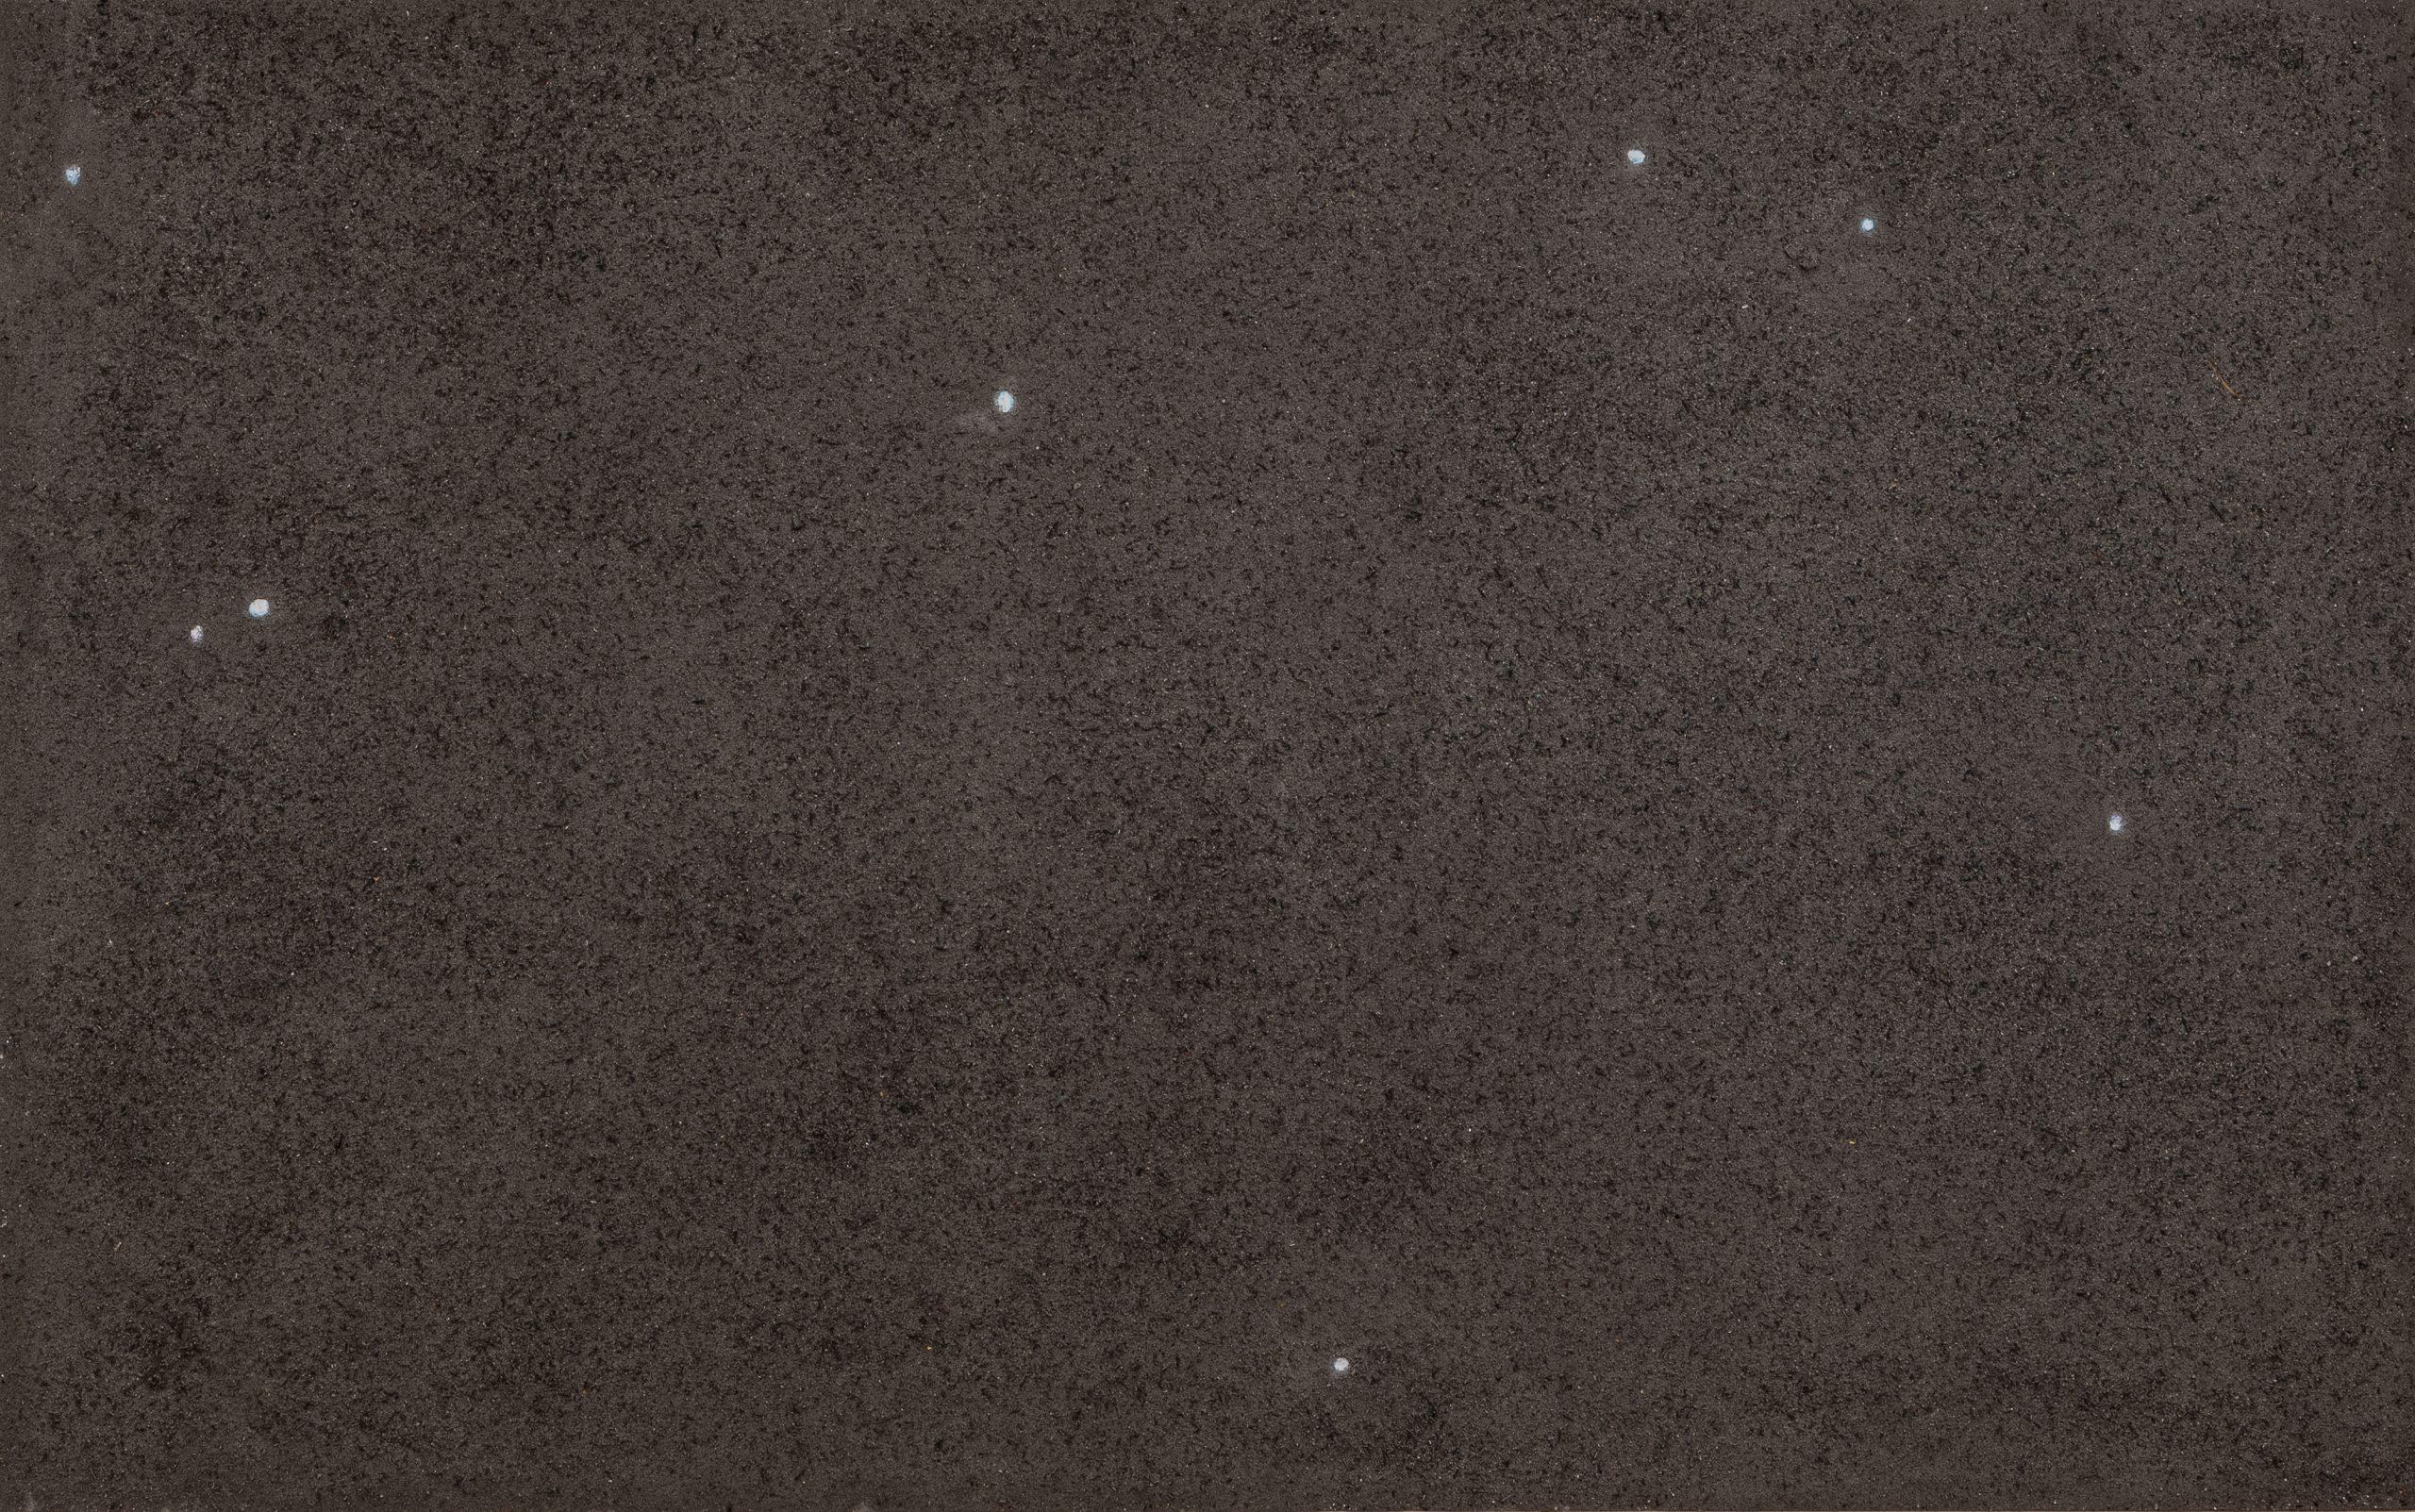 Zhang Huan, Ash Painting No. 5, 2006